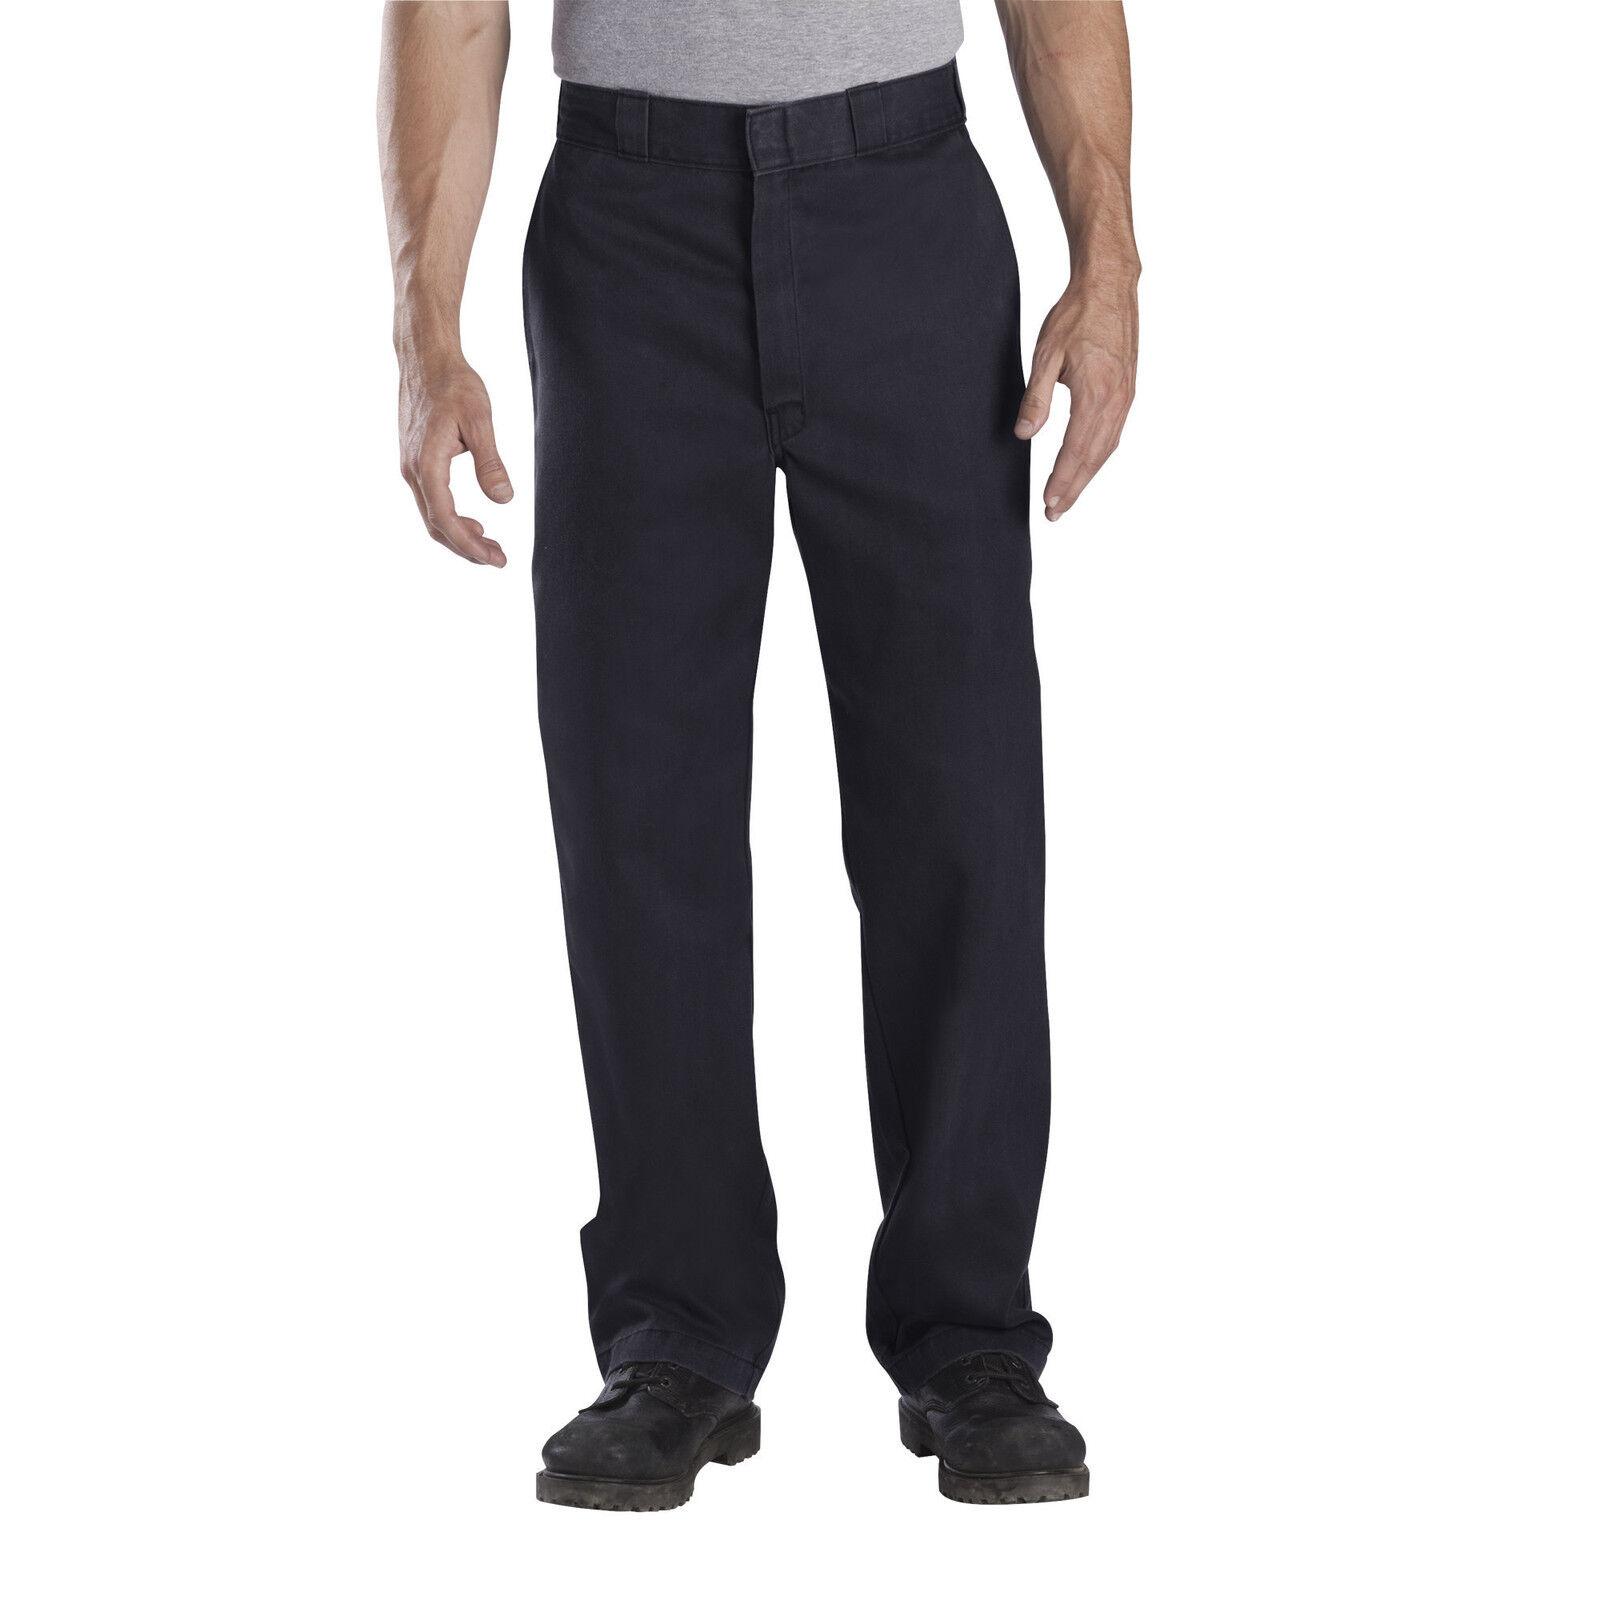 DICKIES PANTS 874 MENS WORK PANTS ORIGINAL FIT CLASSIC WORK UNIFORM TROUSERS